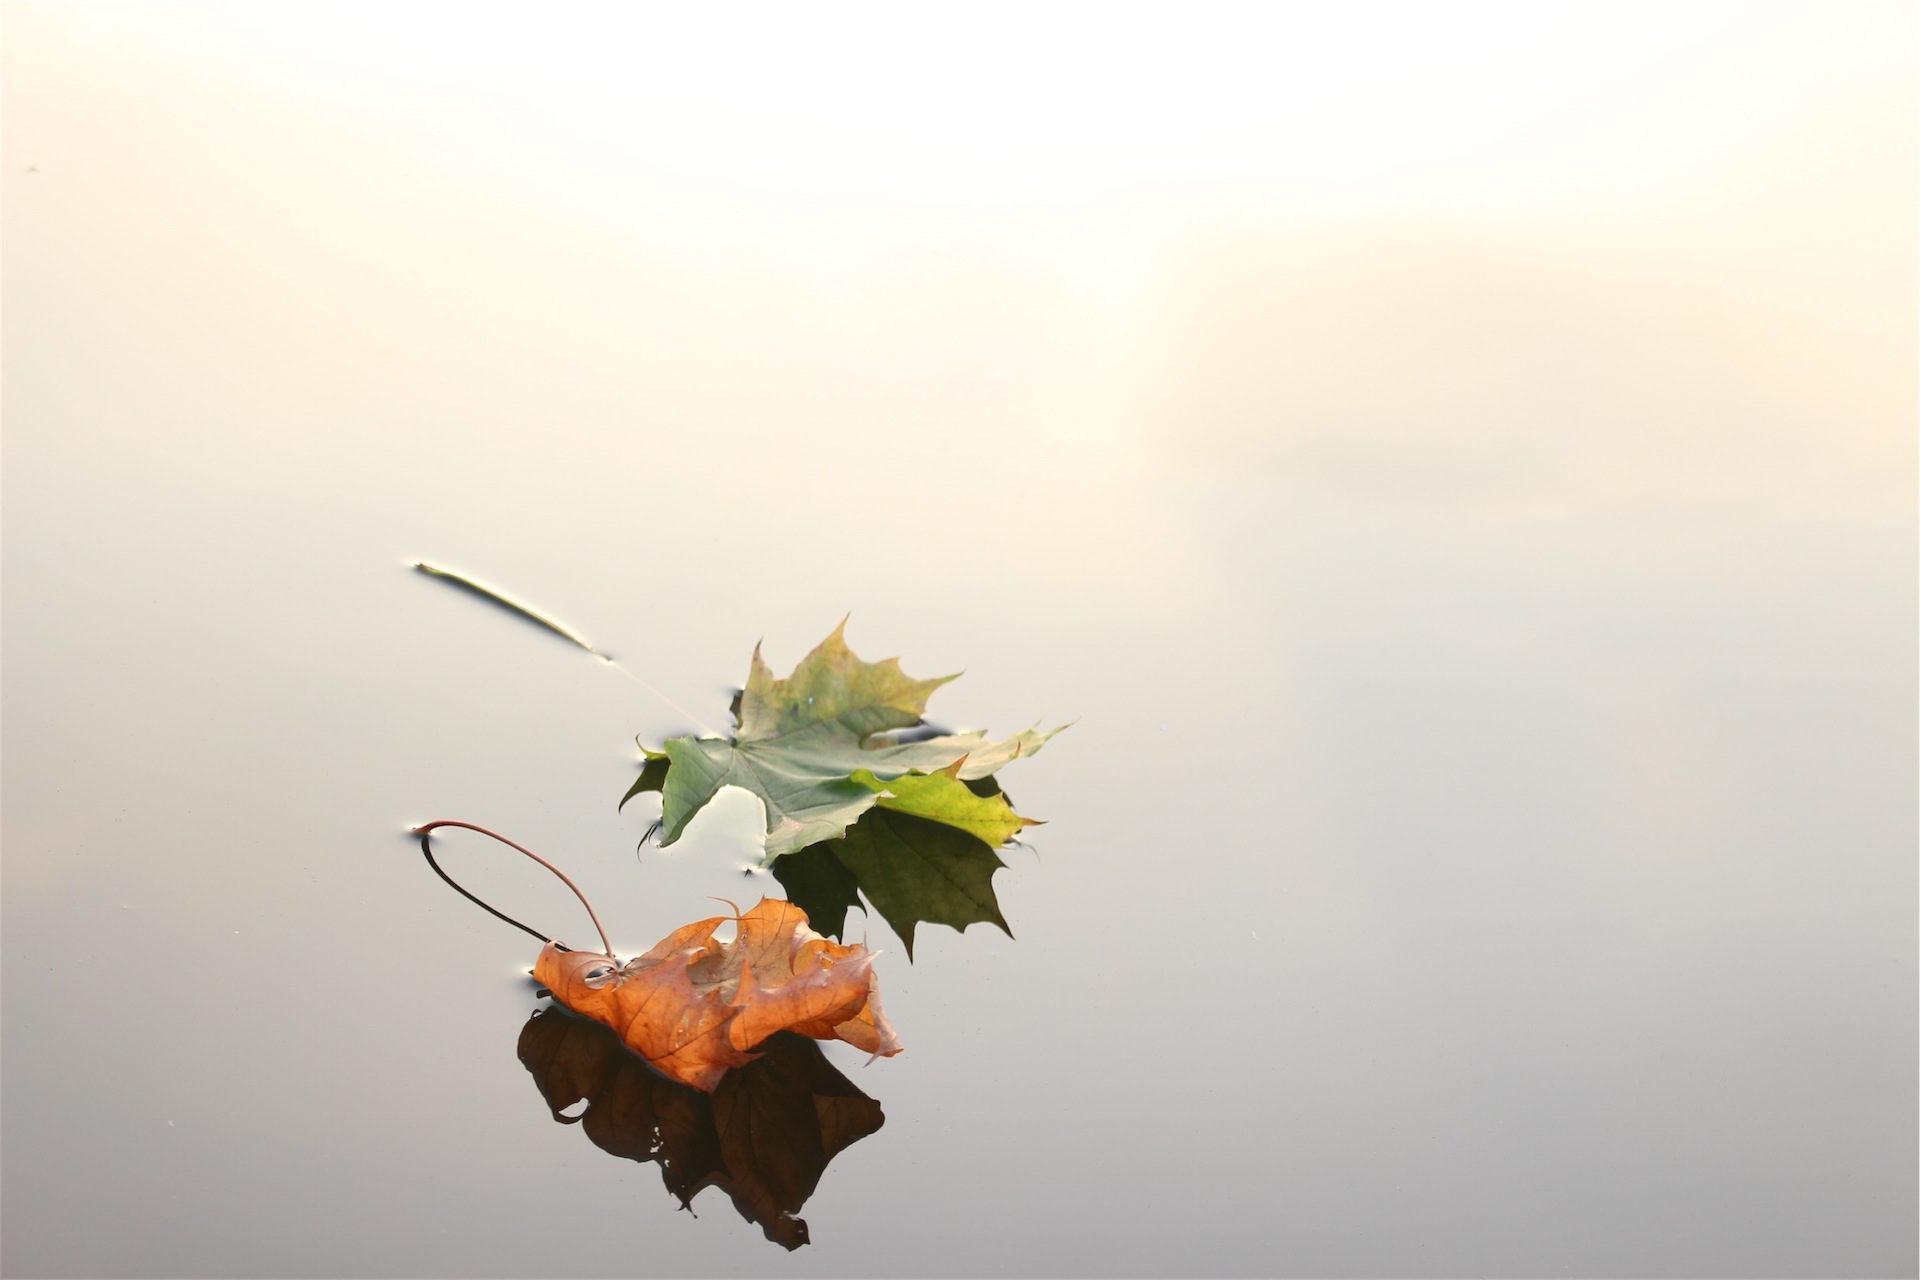 पत्ते, तालाब, झील, ग्रीन, ब्राउन - HD वॉलपेपर - प्रोफेसर-falken.com